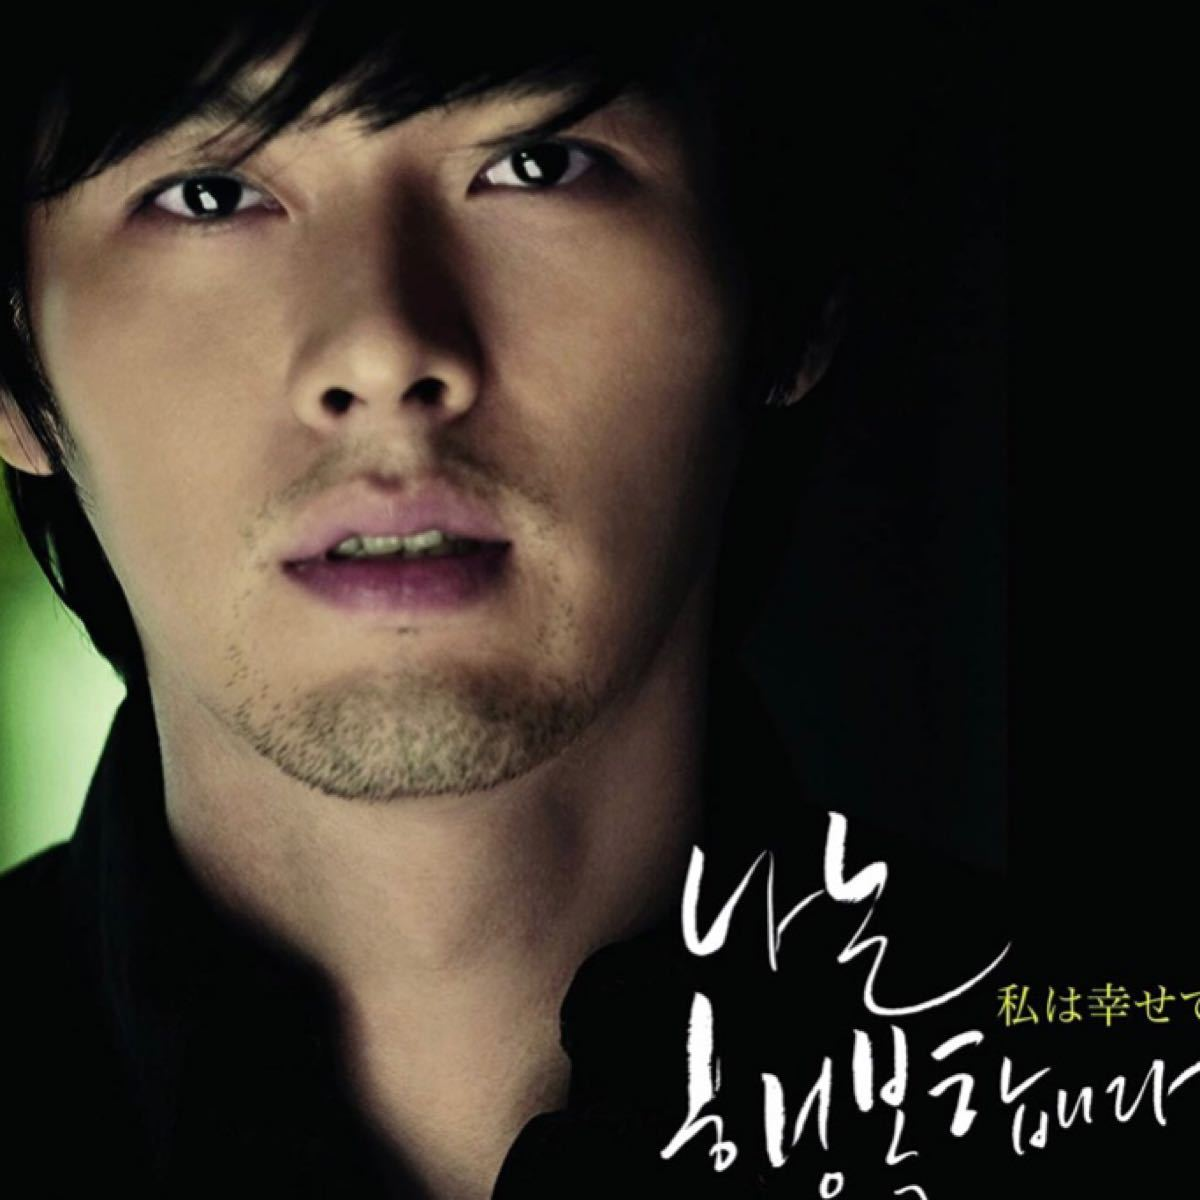 韓国映画  私は幸せです  ヒョンビン  DVD  特典映像有り  レーベル有り